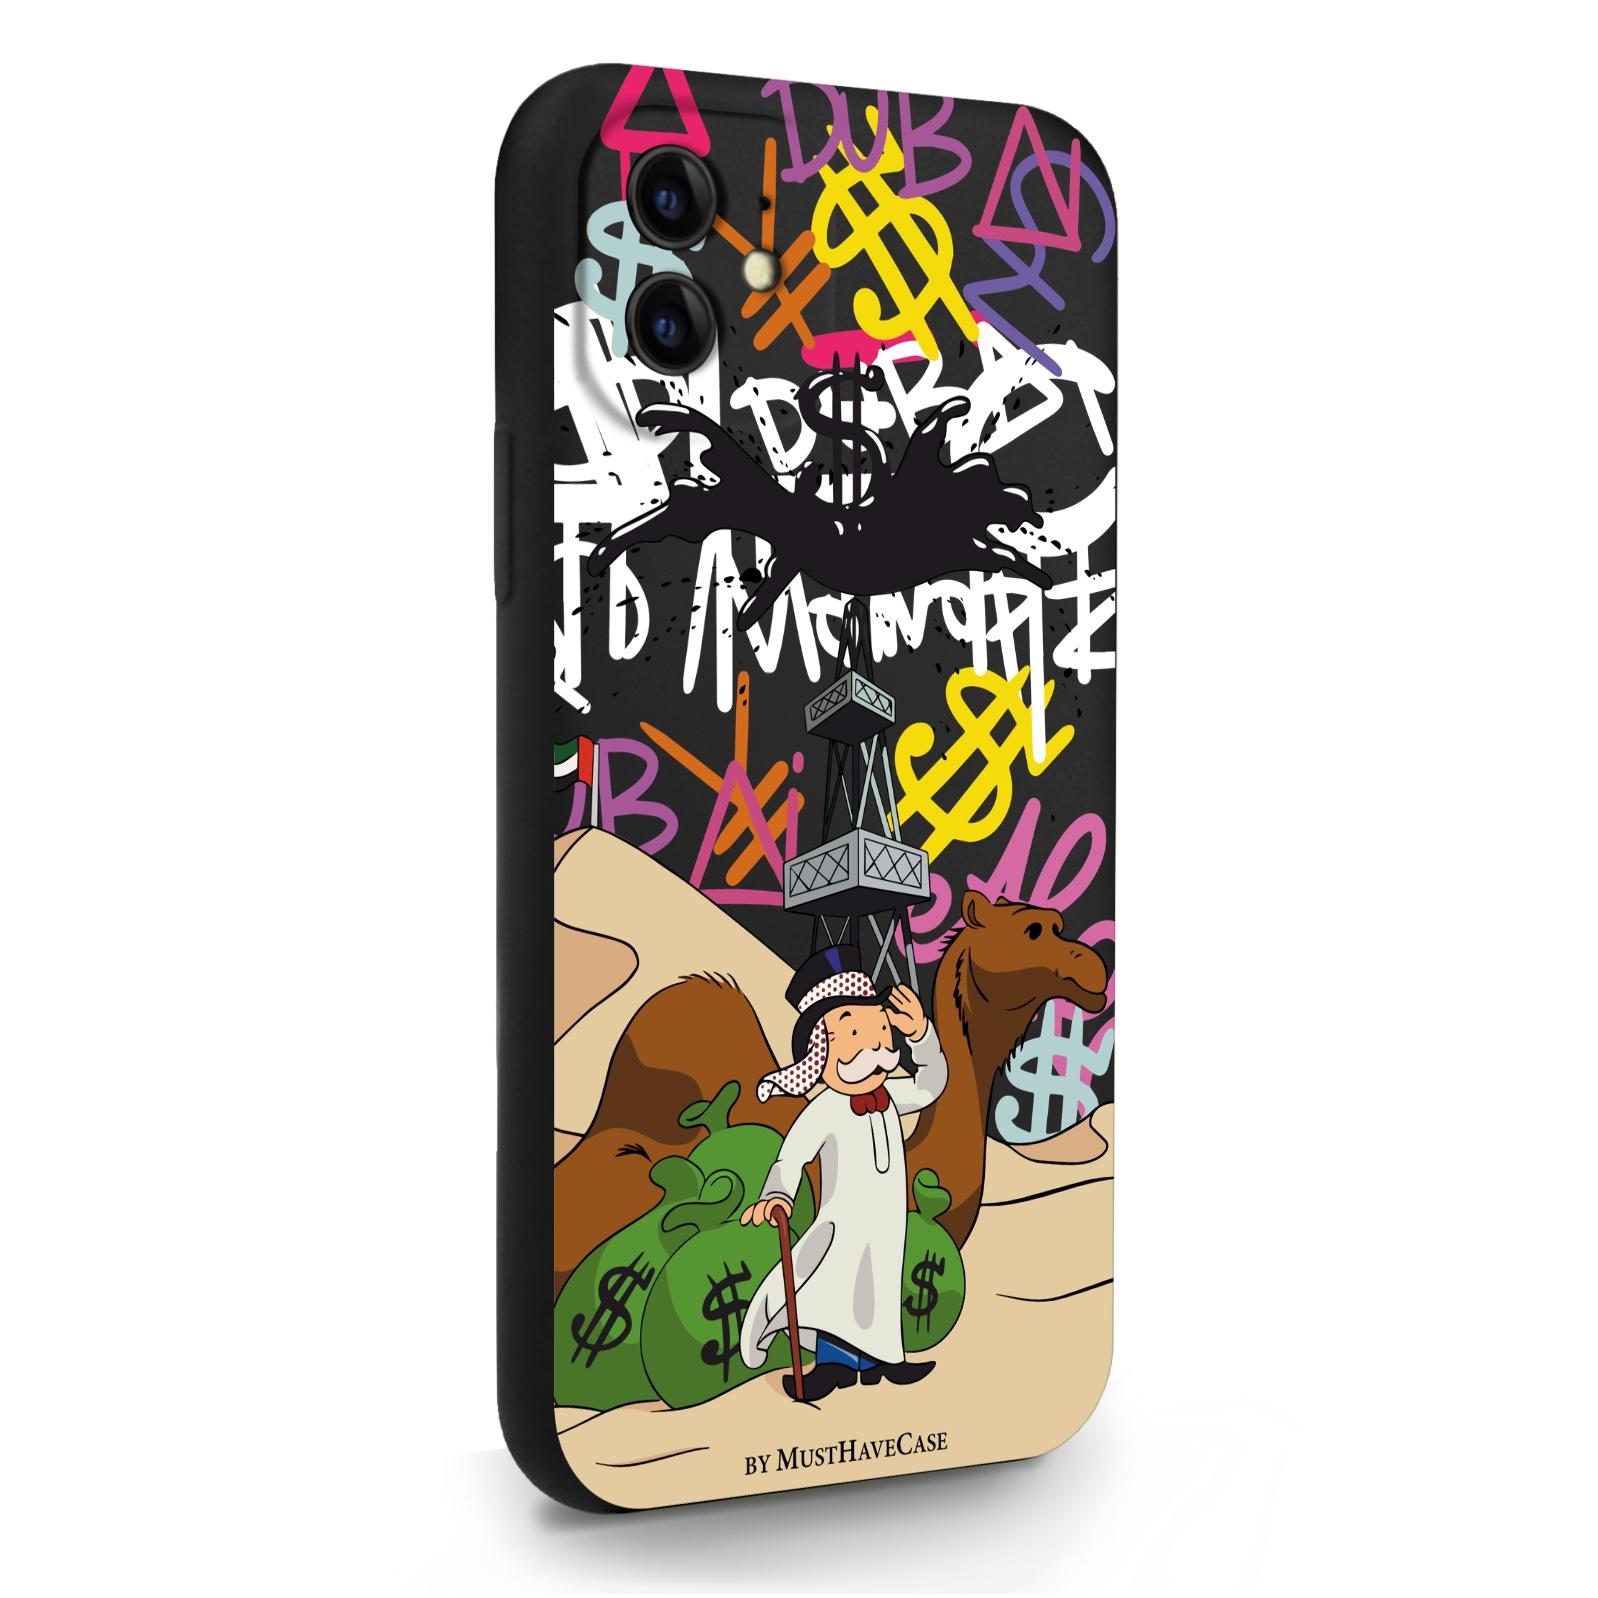 Черный силиконовый чехол для iPhone 11 Monopoly Dubai/ Дубай для Айфон 11